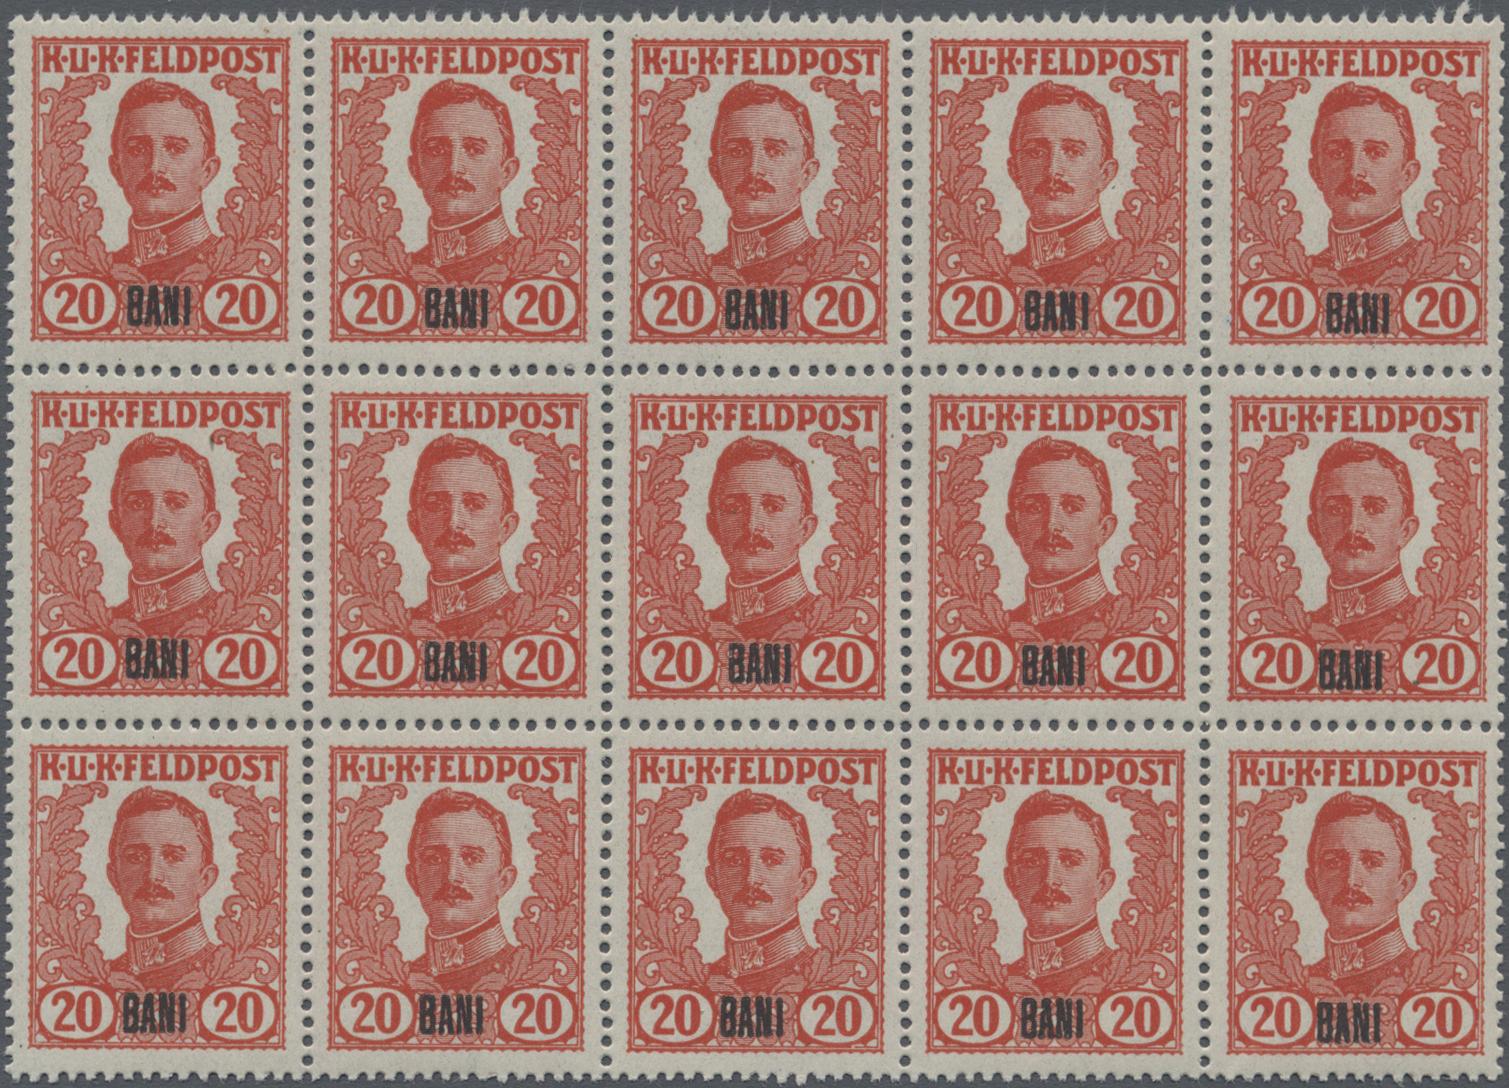 Lot 09610 - Österreichisch-Ungarische Feldpost - Rumänien  -  Auktionshaus Christoph Gärtner GmbH & Co. KG Sale #48 The Single Lots Philatelie